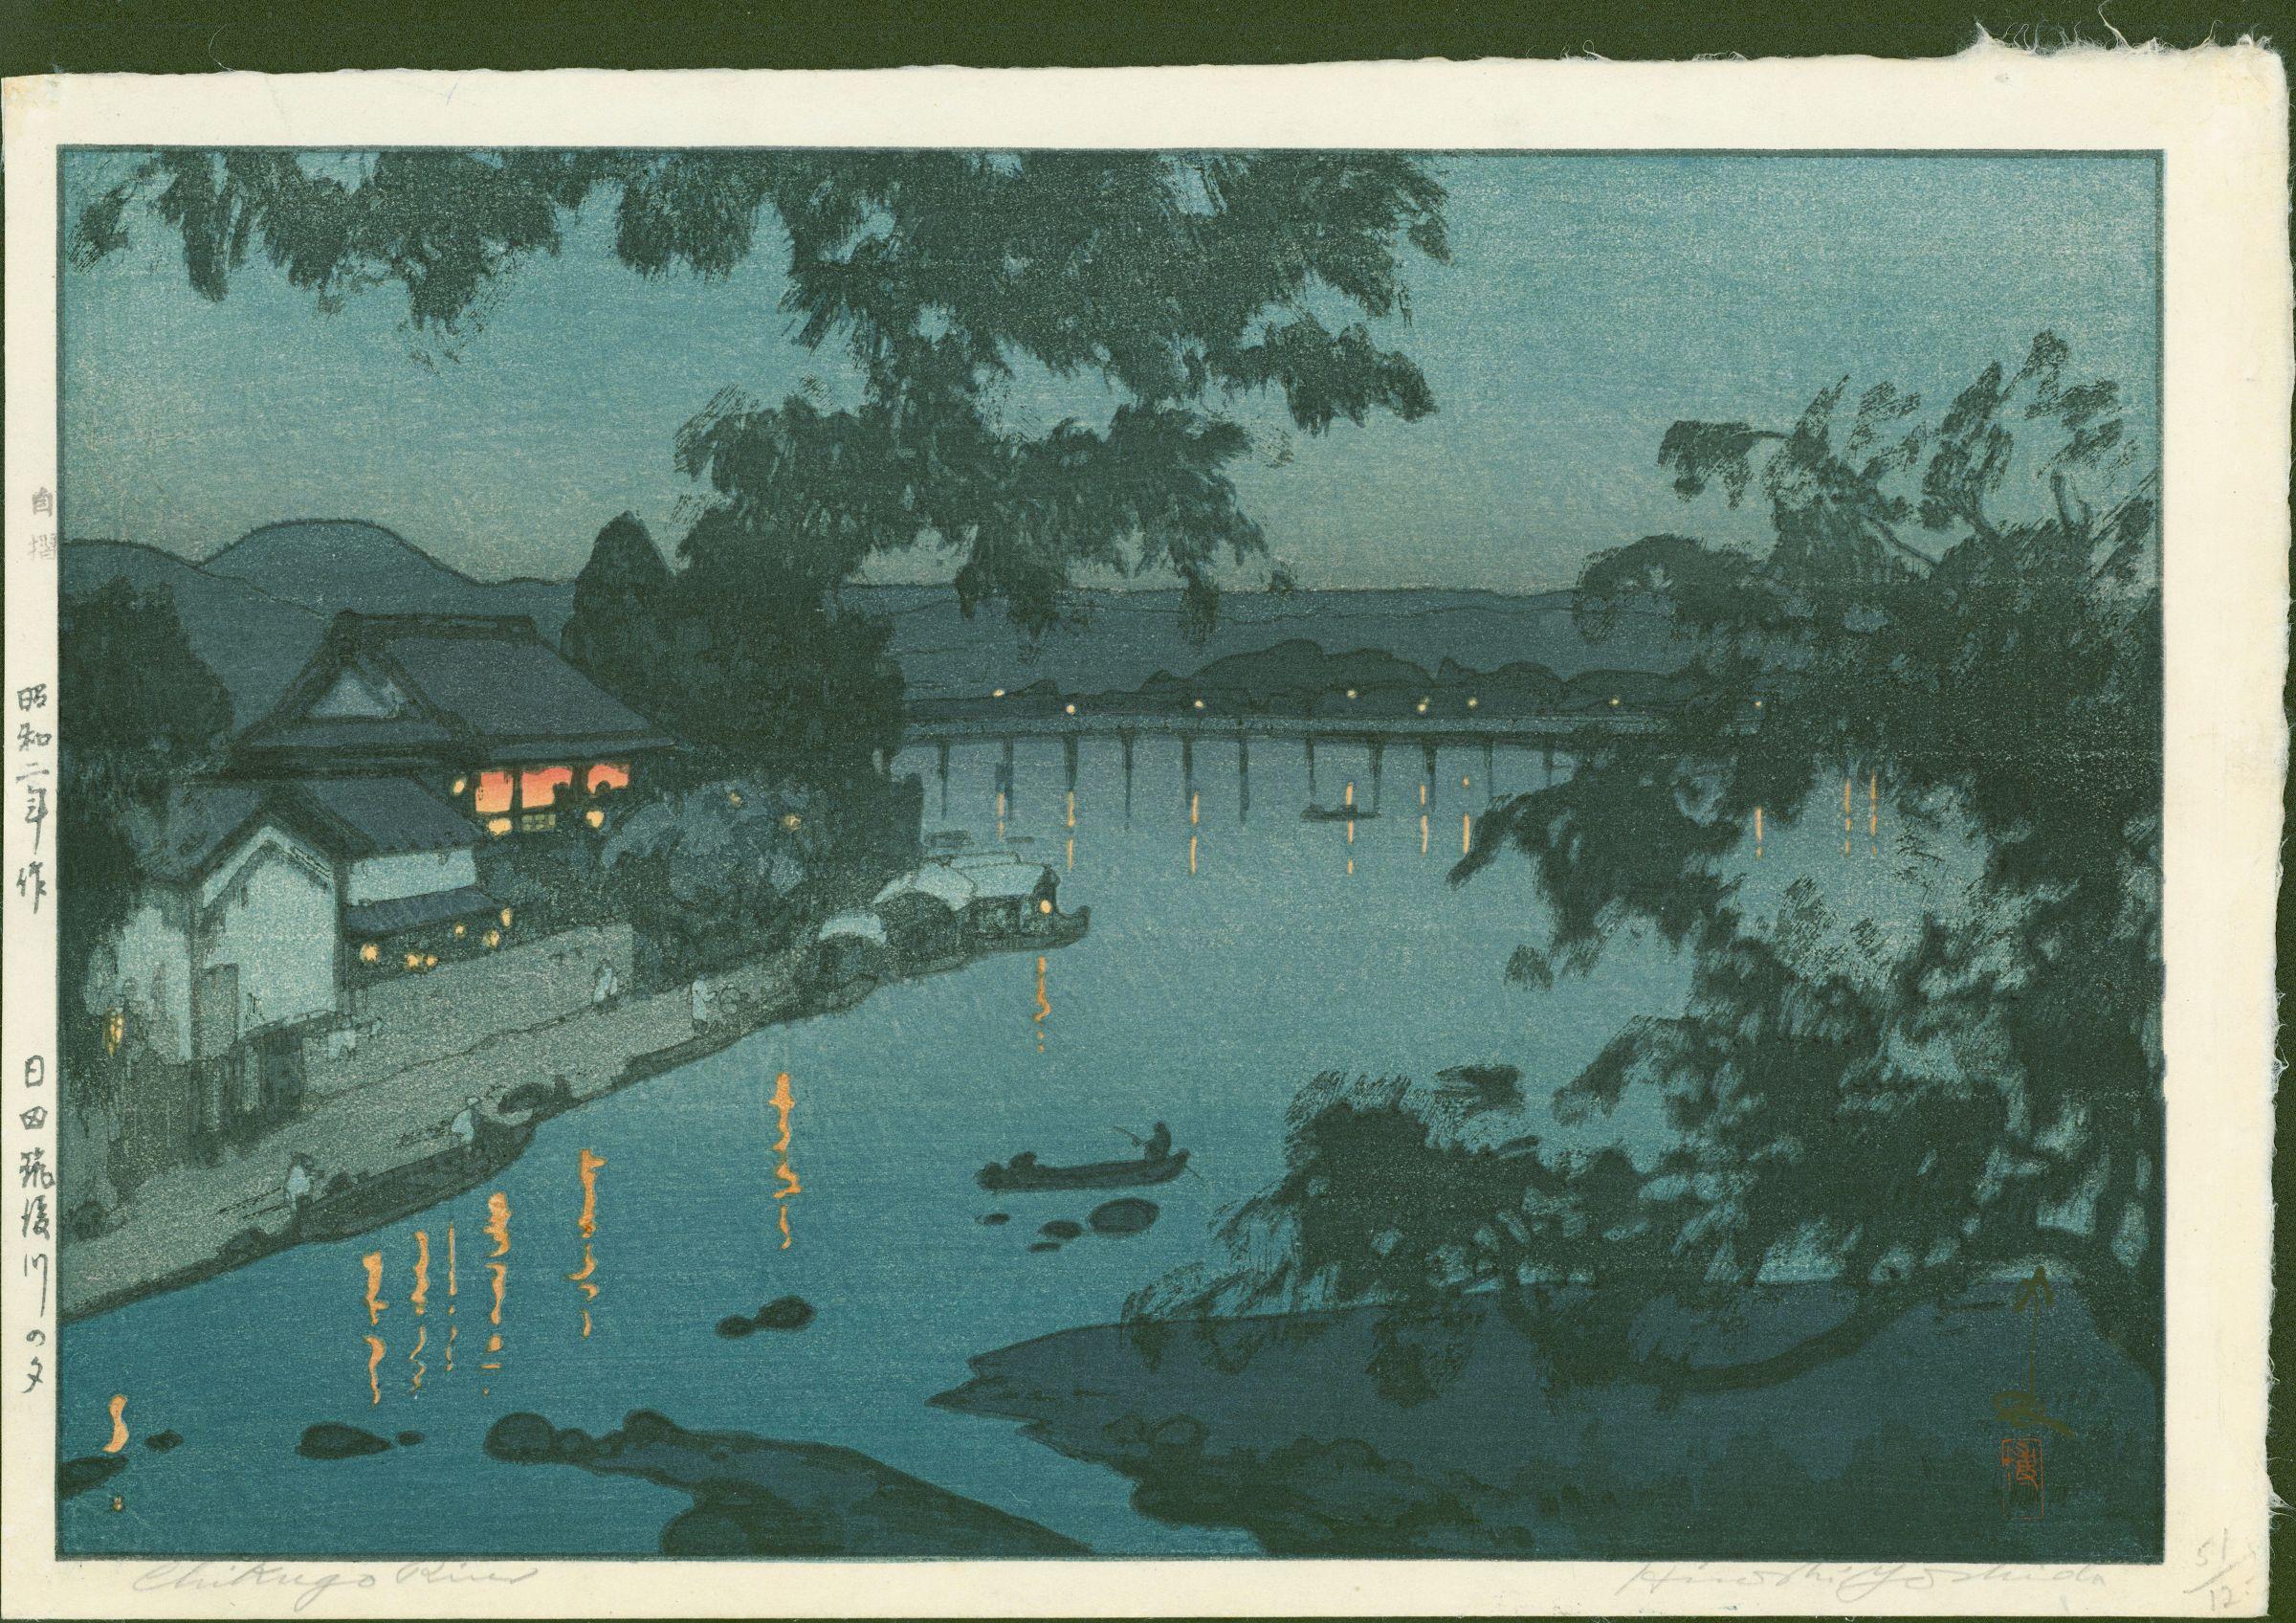 Hiroshi Yoshida Woodblock Print - Chikugo River (Jizuri) SOLD